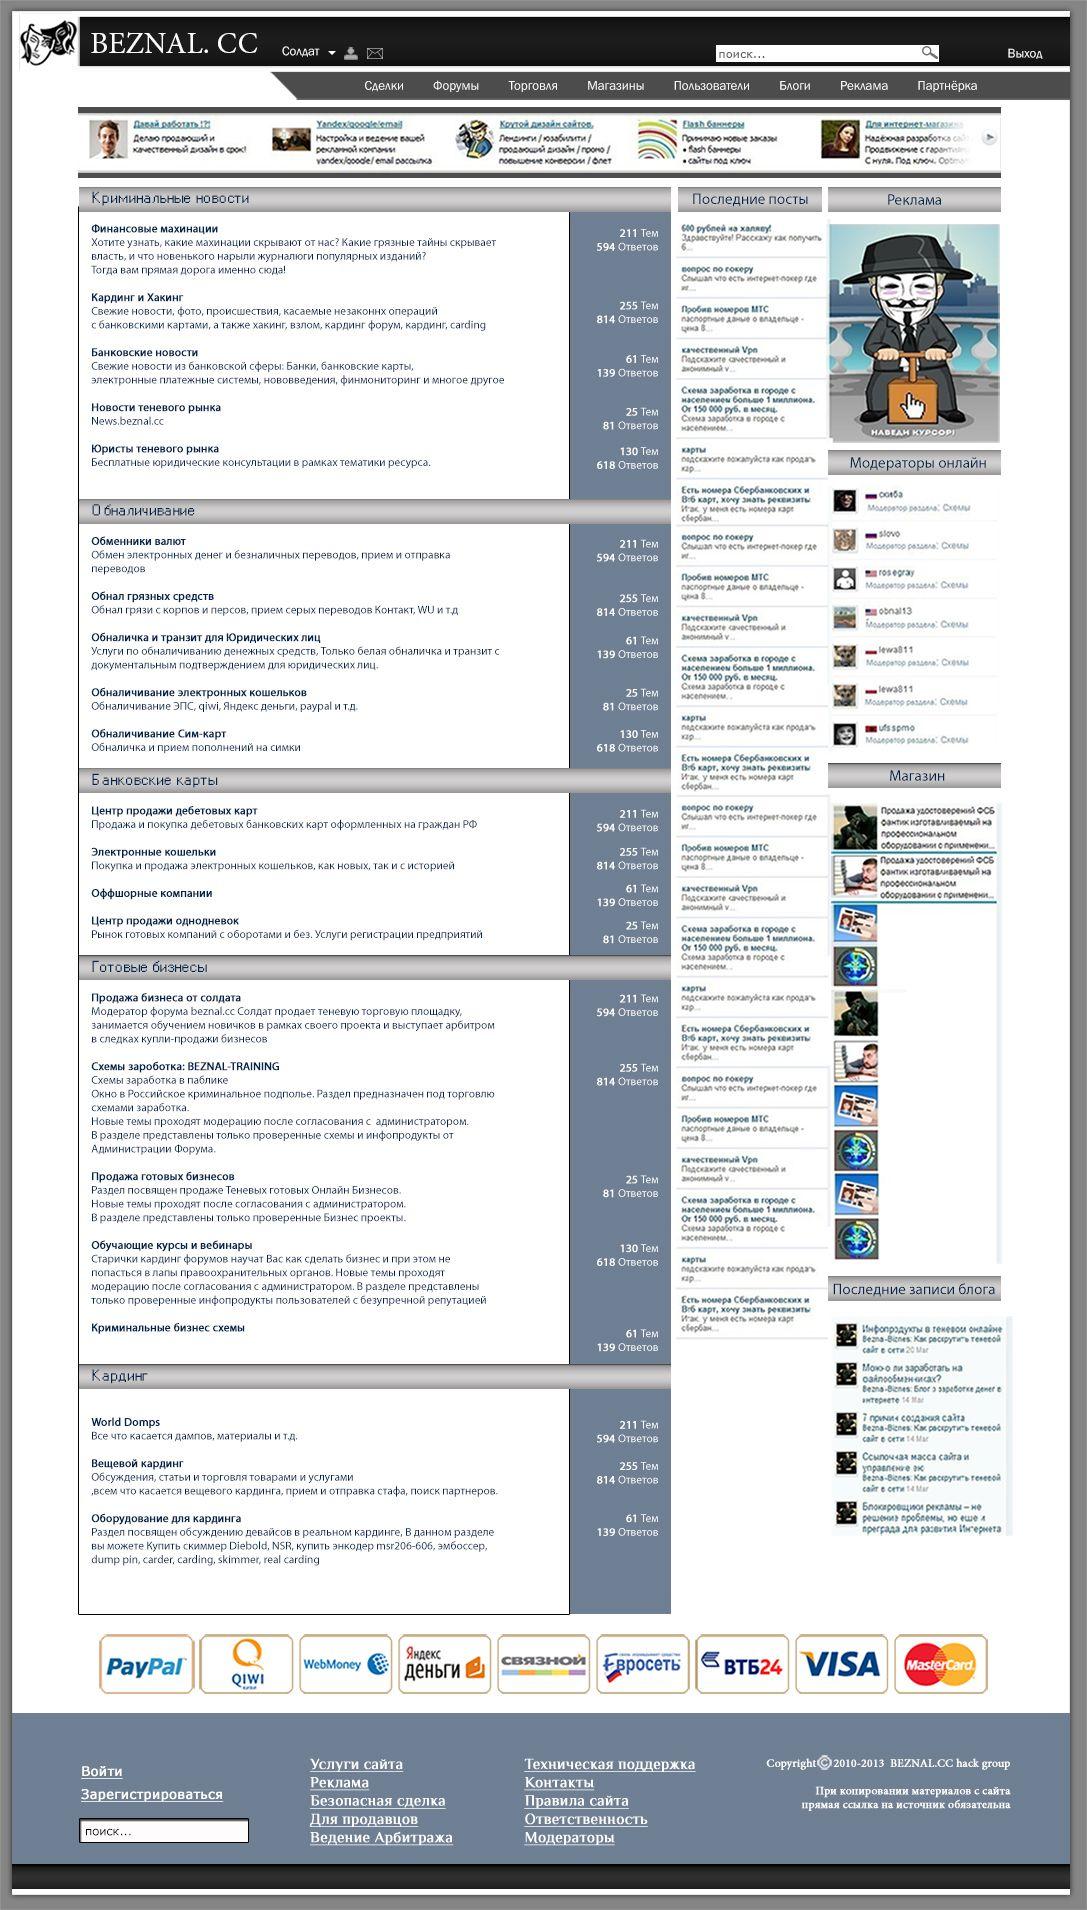 Стиль форума по инфокурсам (качественная гр-ка) - дизайнер art-studia